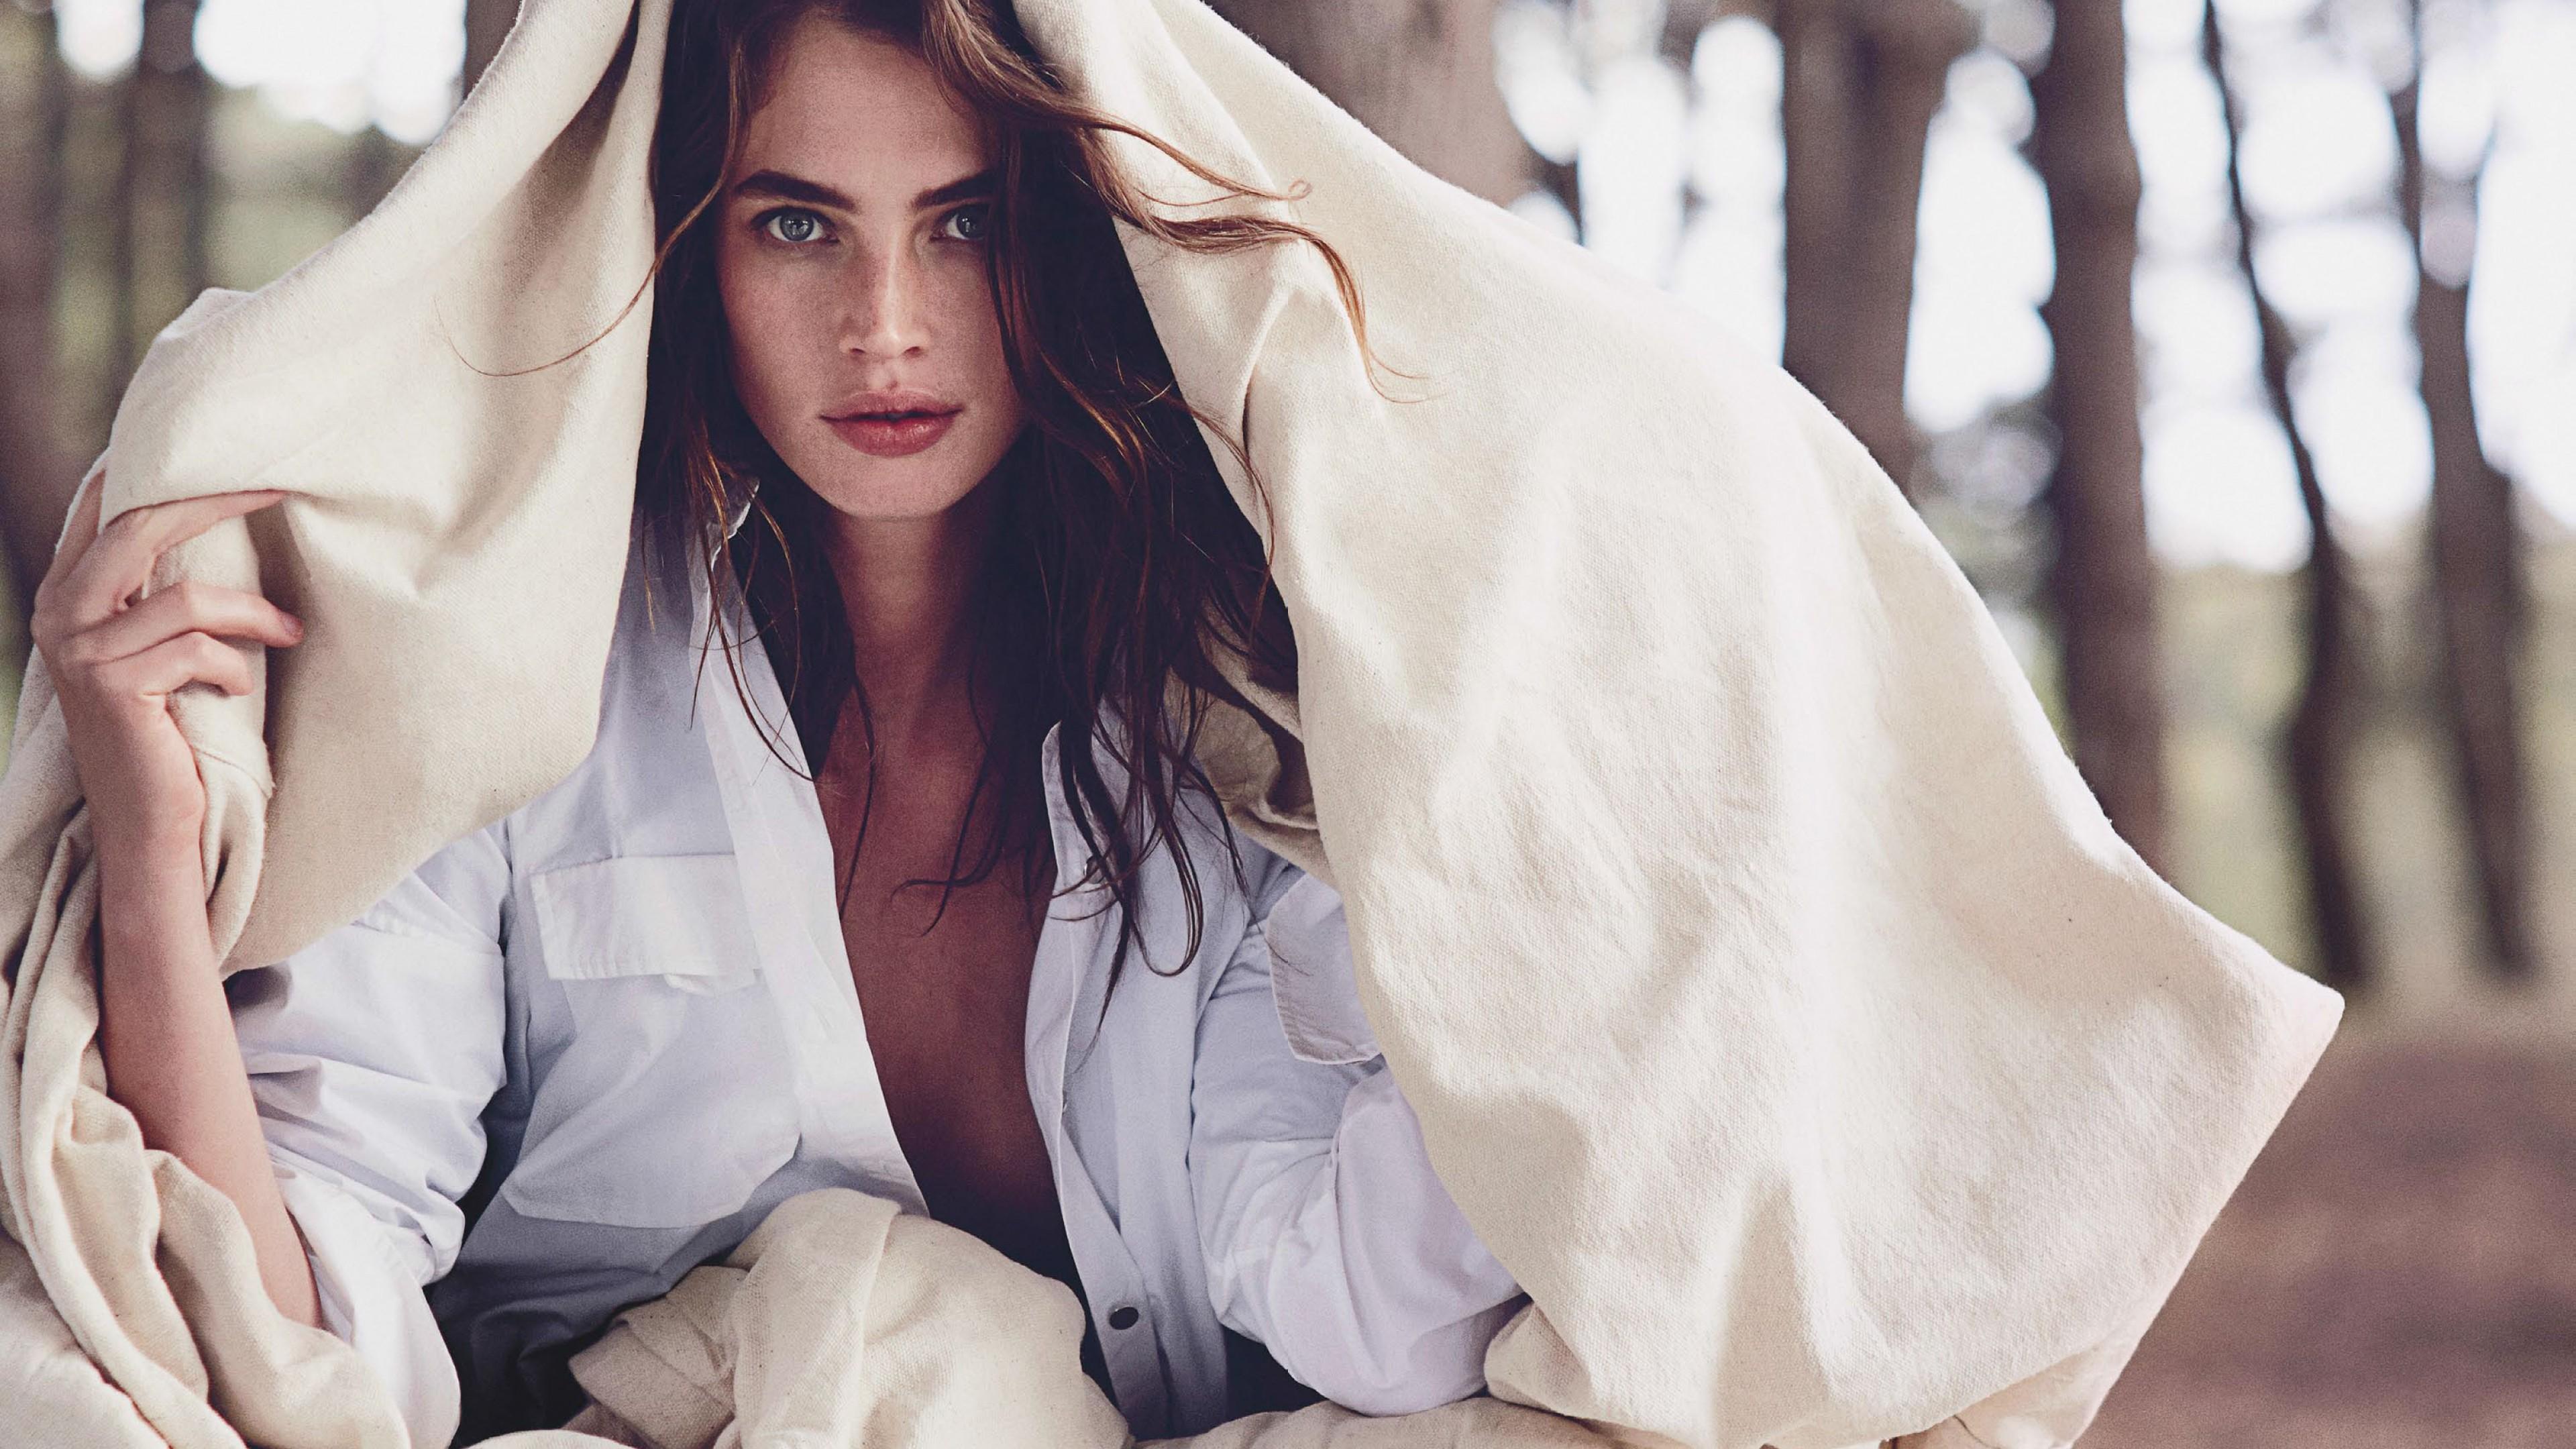 Celebrites Crista Cober nude photos 2019